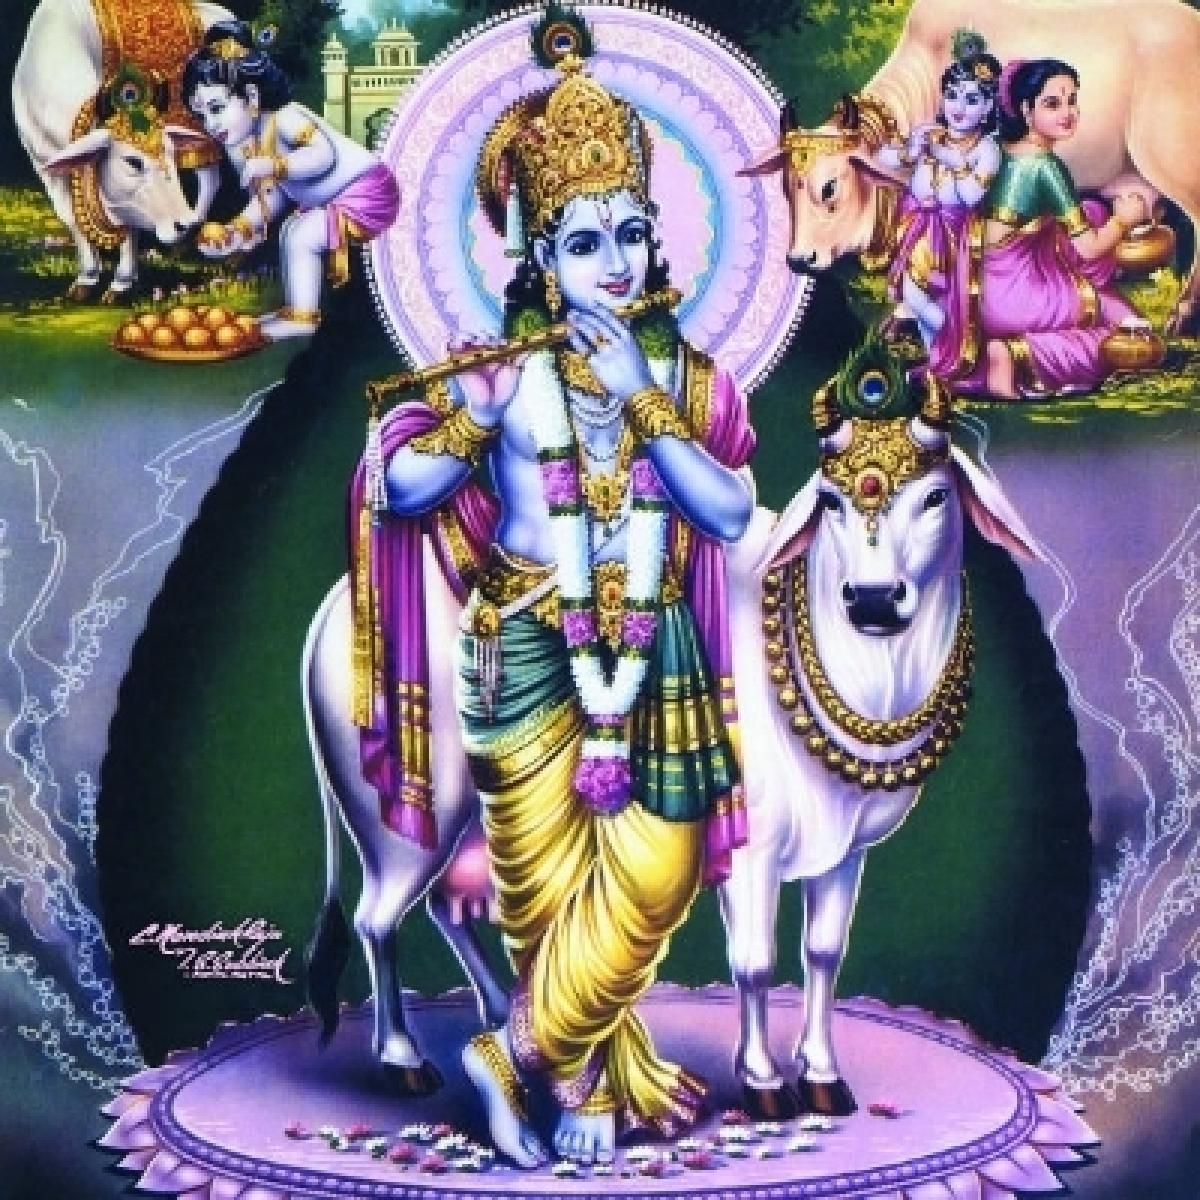 கிருஷ்ணர் விளையாடிய ஜல்லிக்கட்டு.. 7 காளைகளை அடக்கிய எழில் மாயோன்..! #Jallikattu